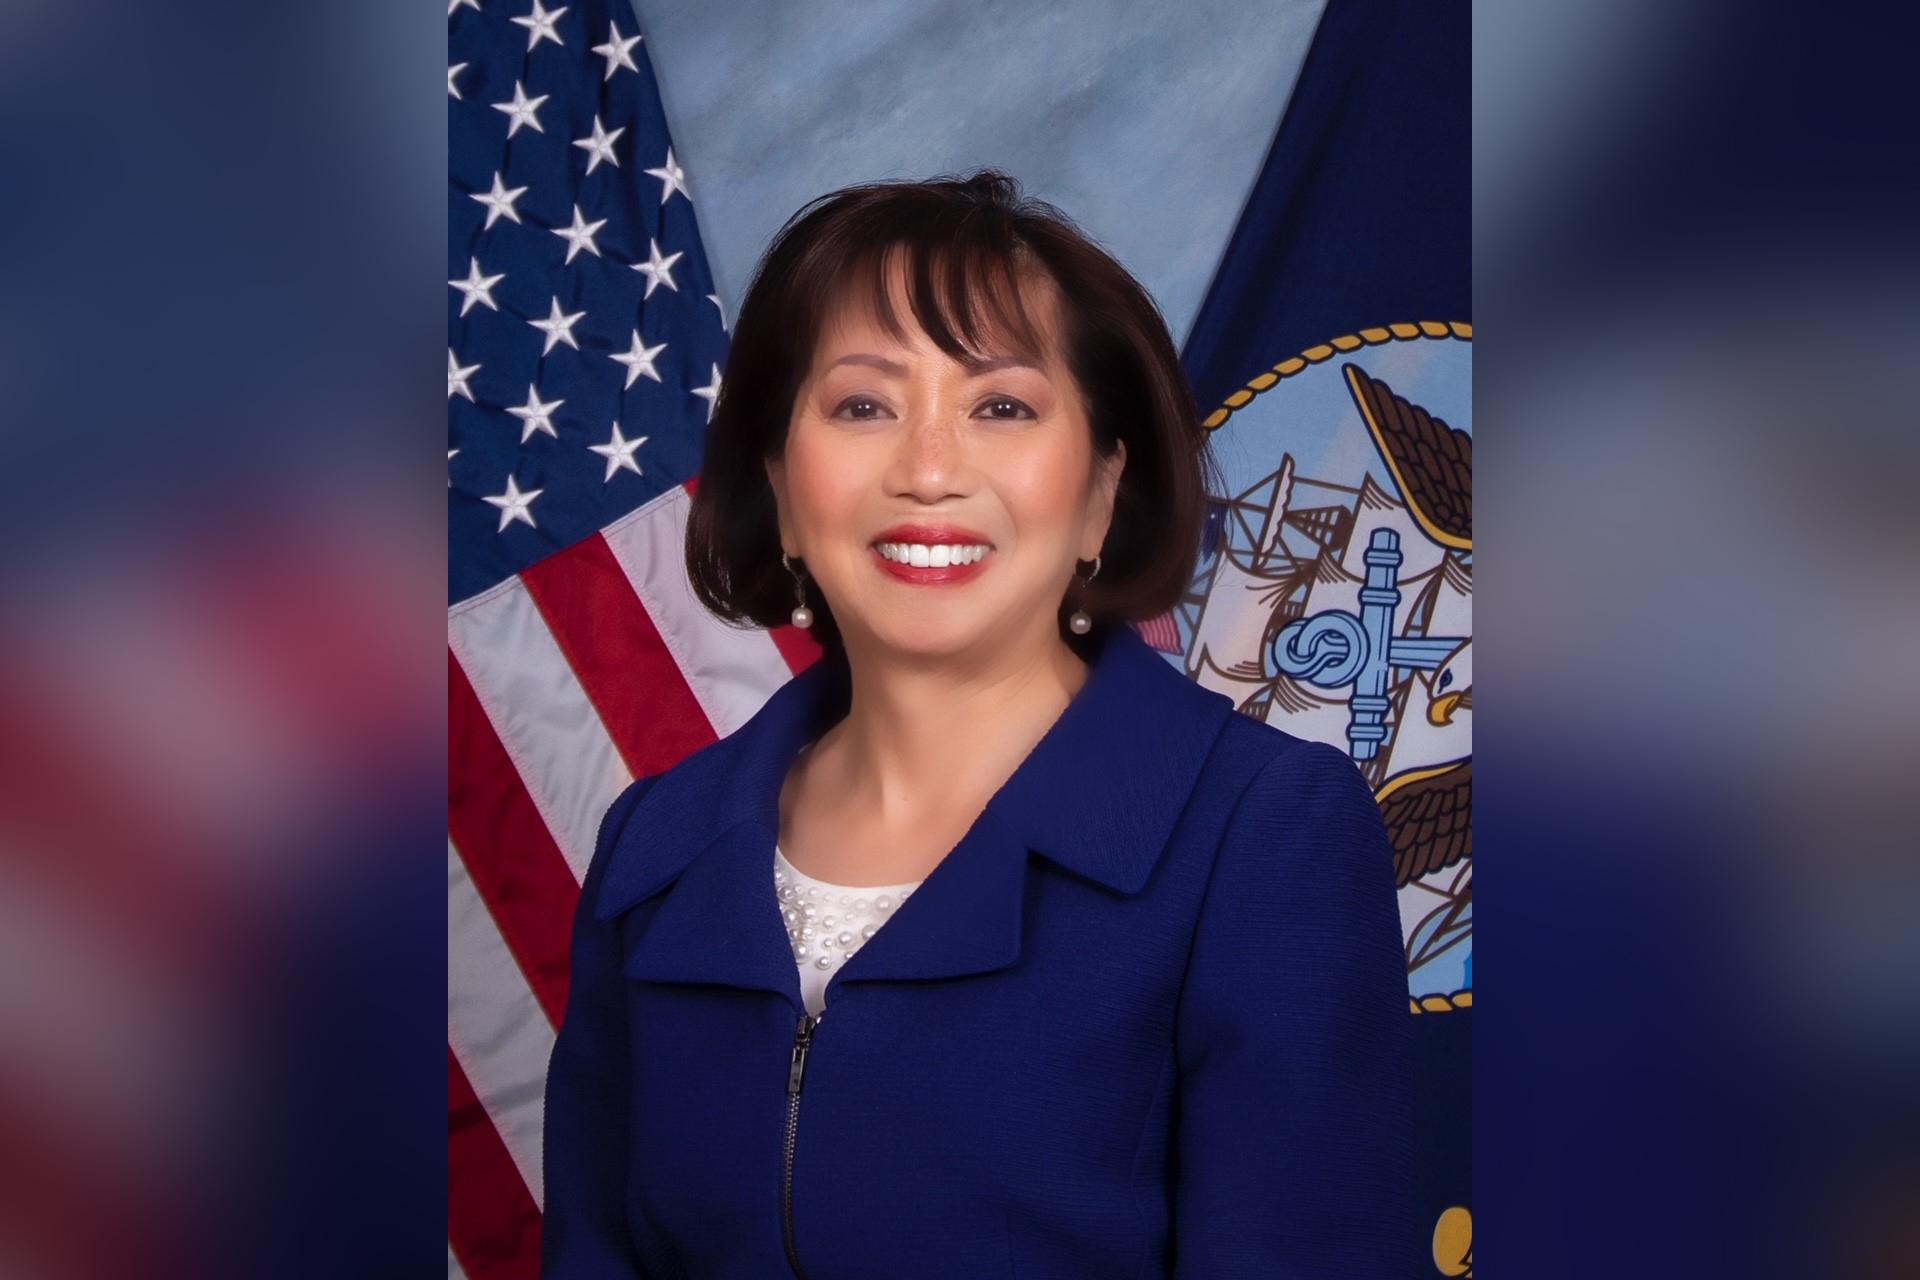 Cơ quan chỉ huy hệ thống Hải Quân Mỹ có tổng giám đốc gốc Việt